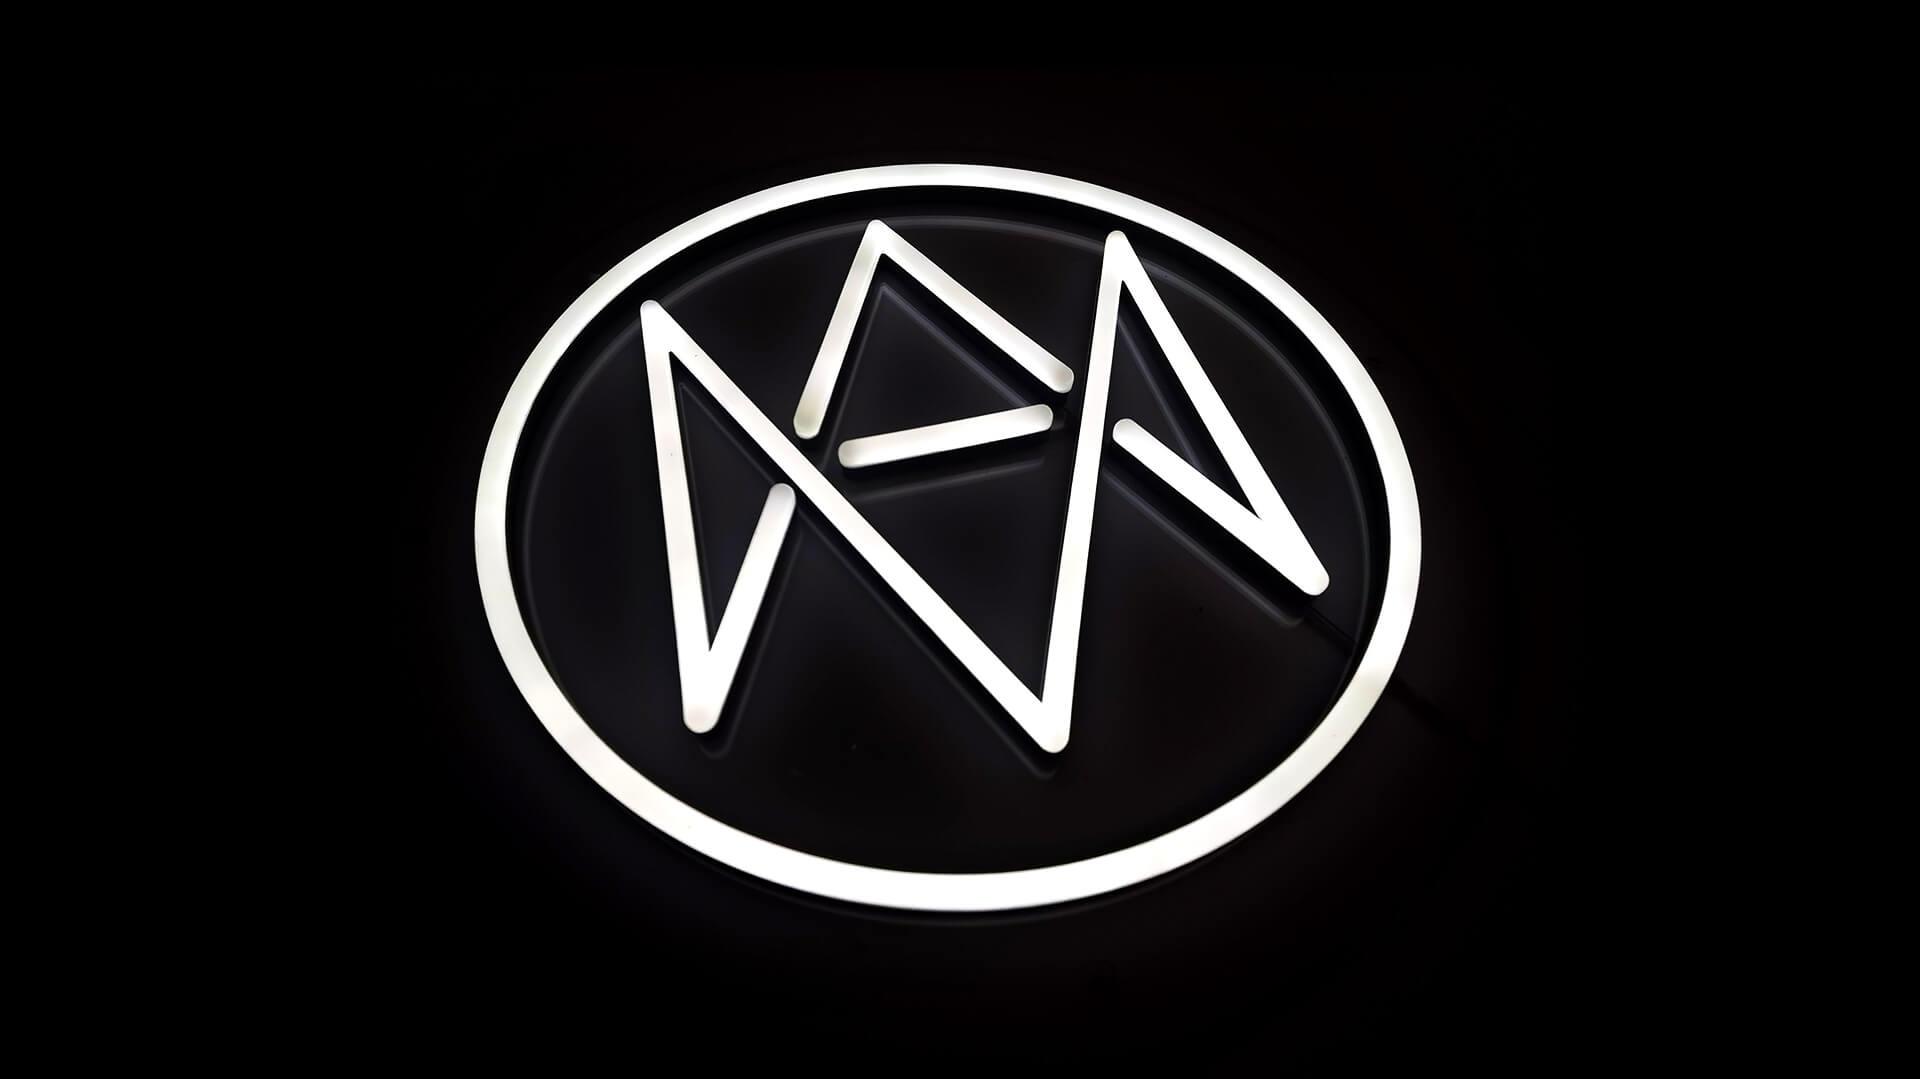 Compass logo wall lights office decor